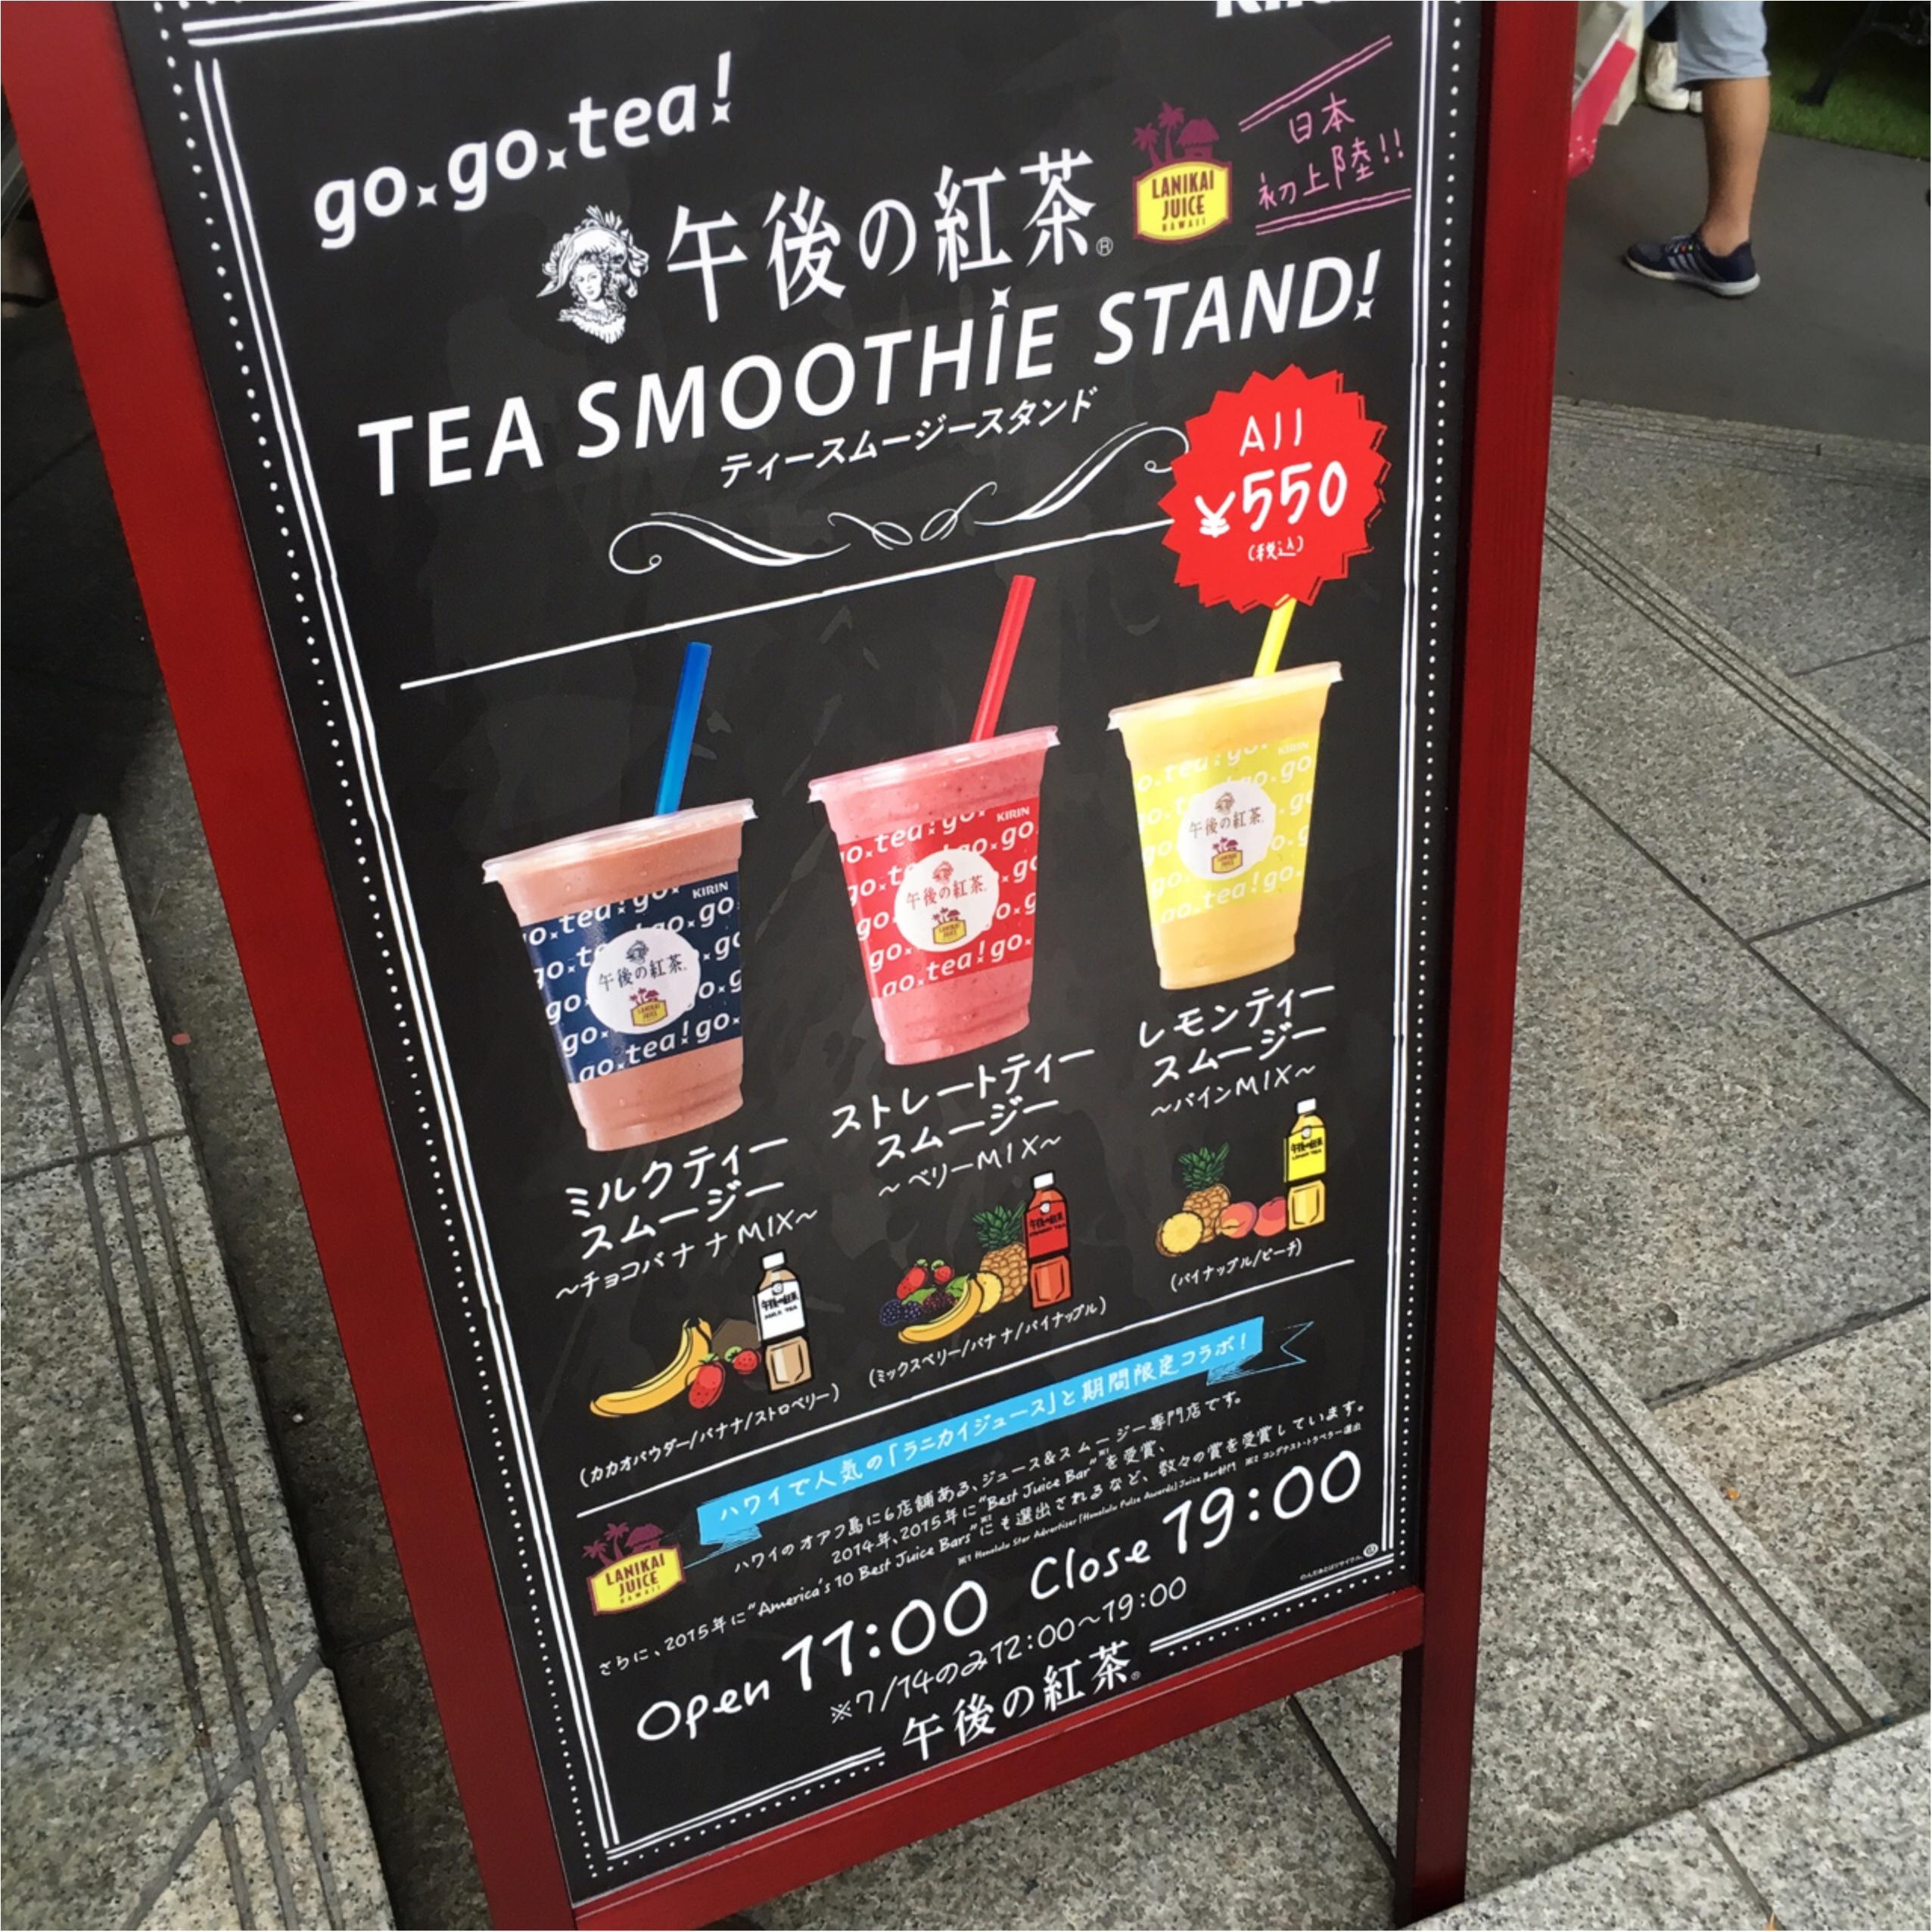 《全国順次展開!》紅茶とフルーツの良いとこ取りスムージー❤️【日本初上陸ハワイのスムージーショップ】と【午後ティー】が夢のコラボ✨_2